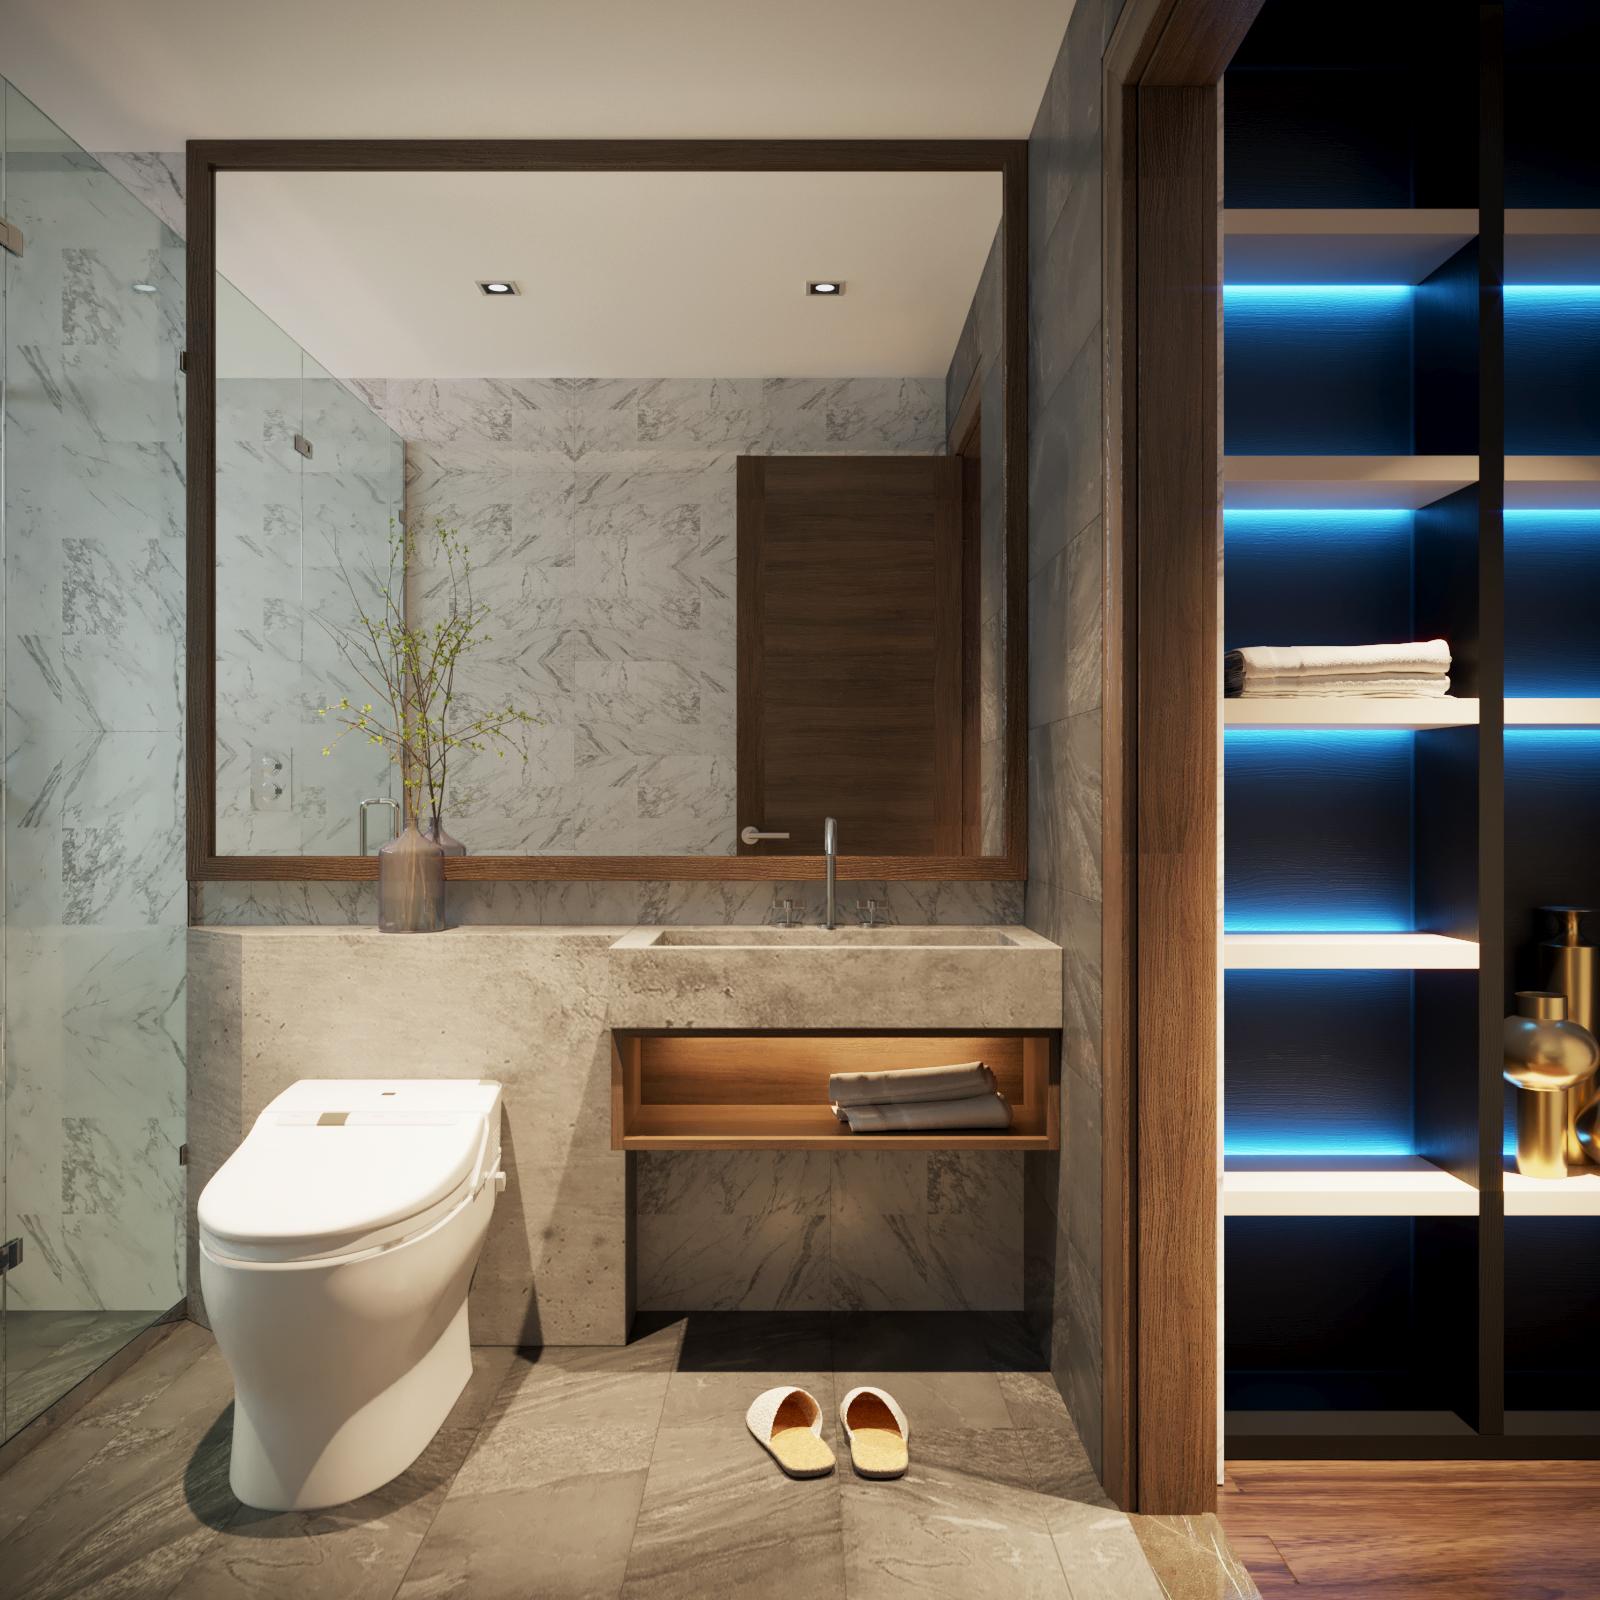 thiết kế nội thất chung cư tại Hà Nội VINCOM NGUYEN CHI THANH - APARTMENT 17 1533622273